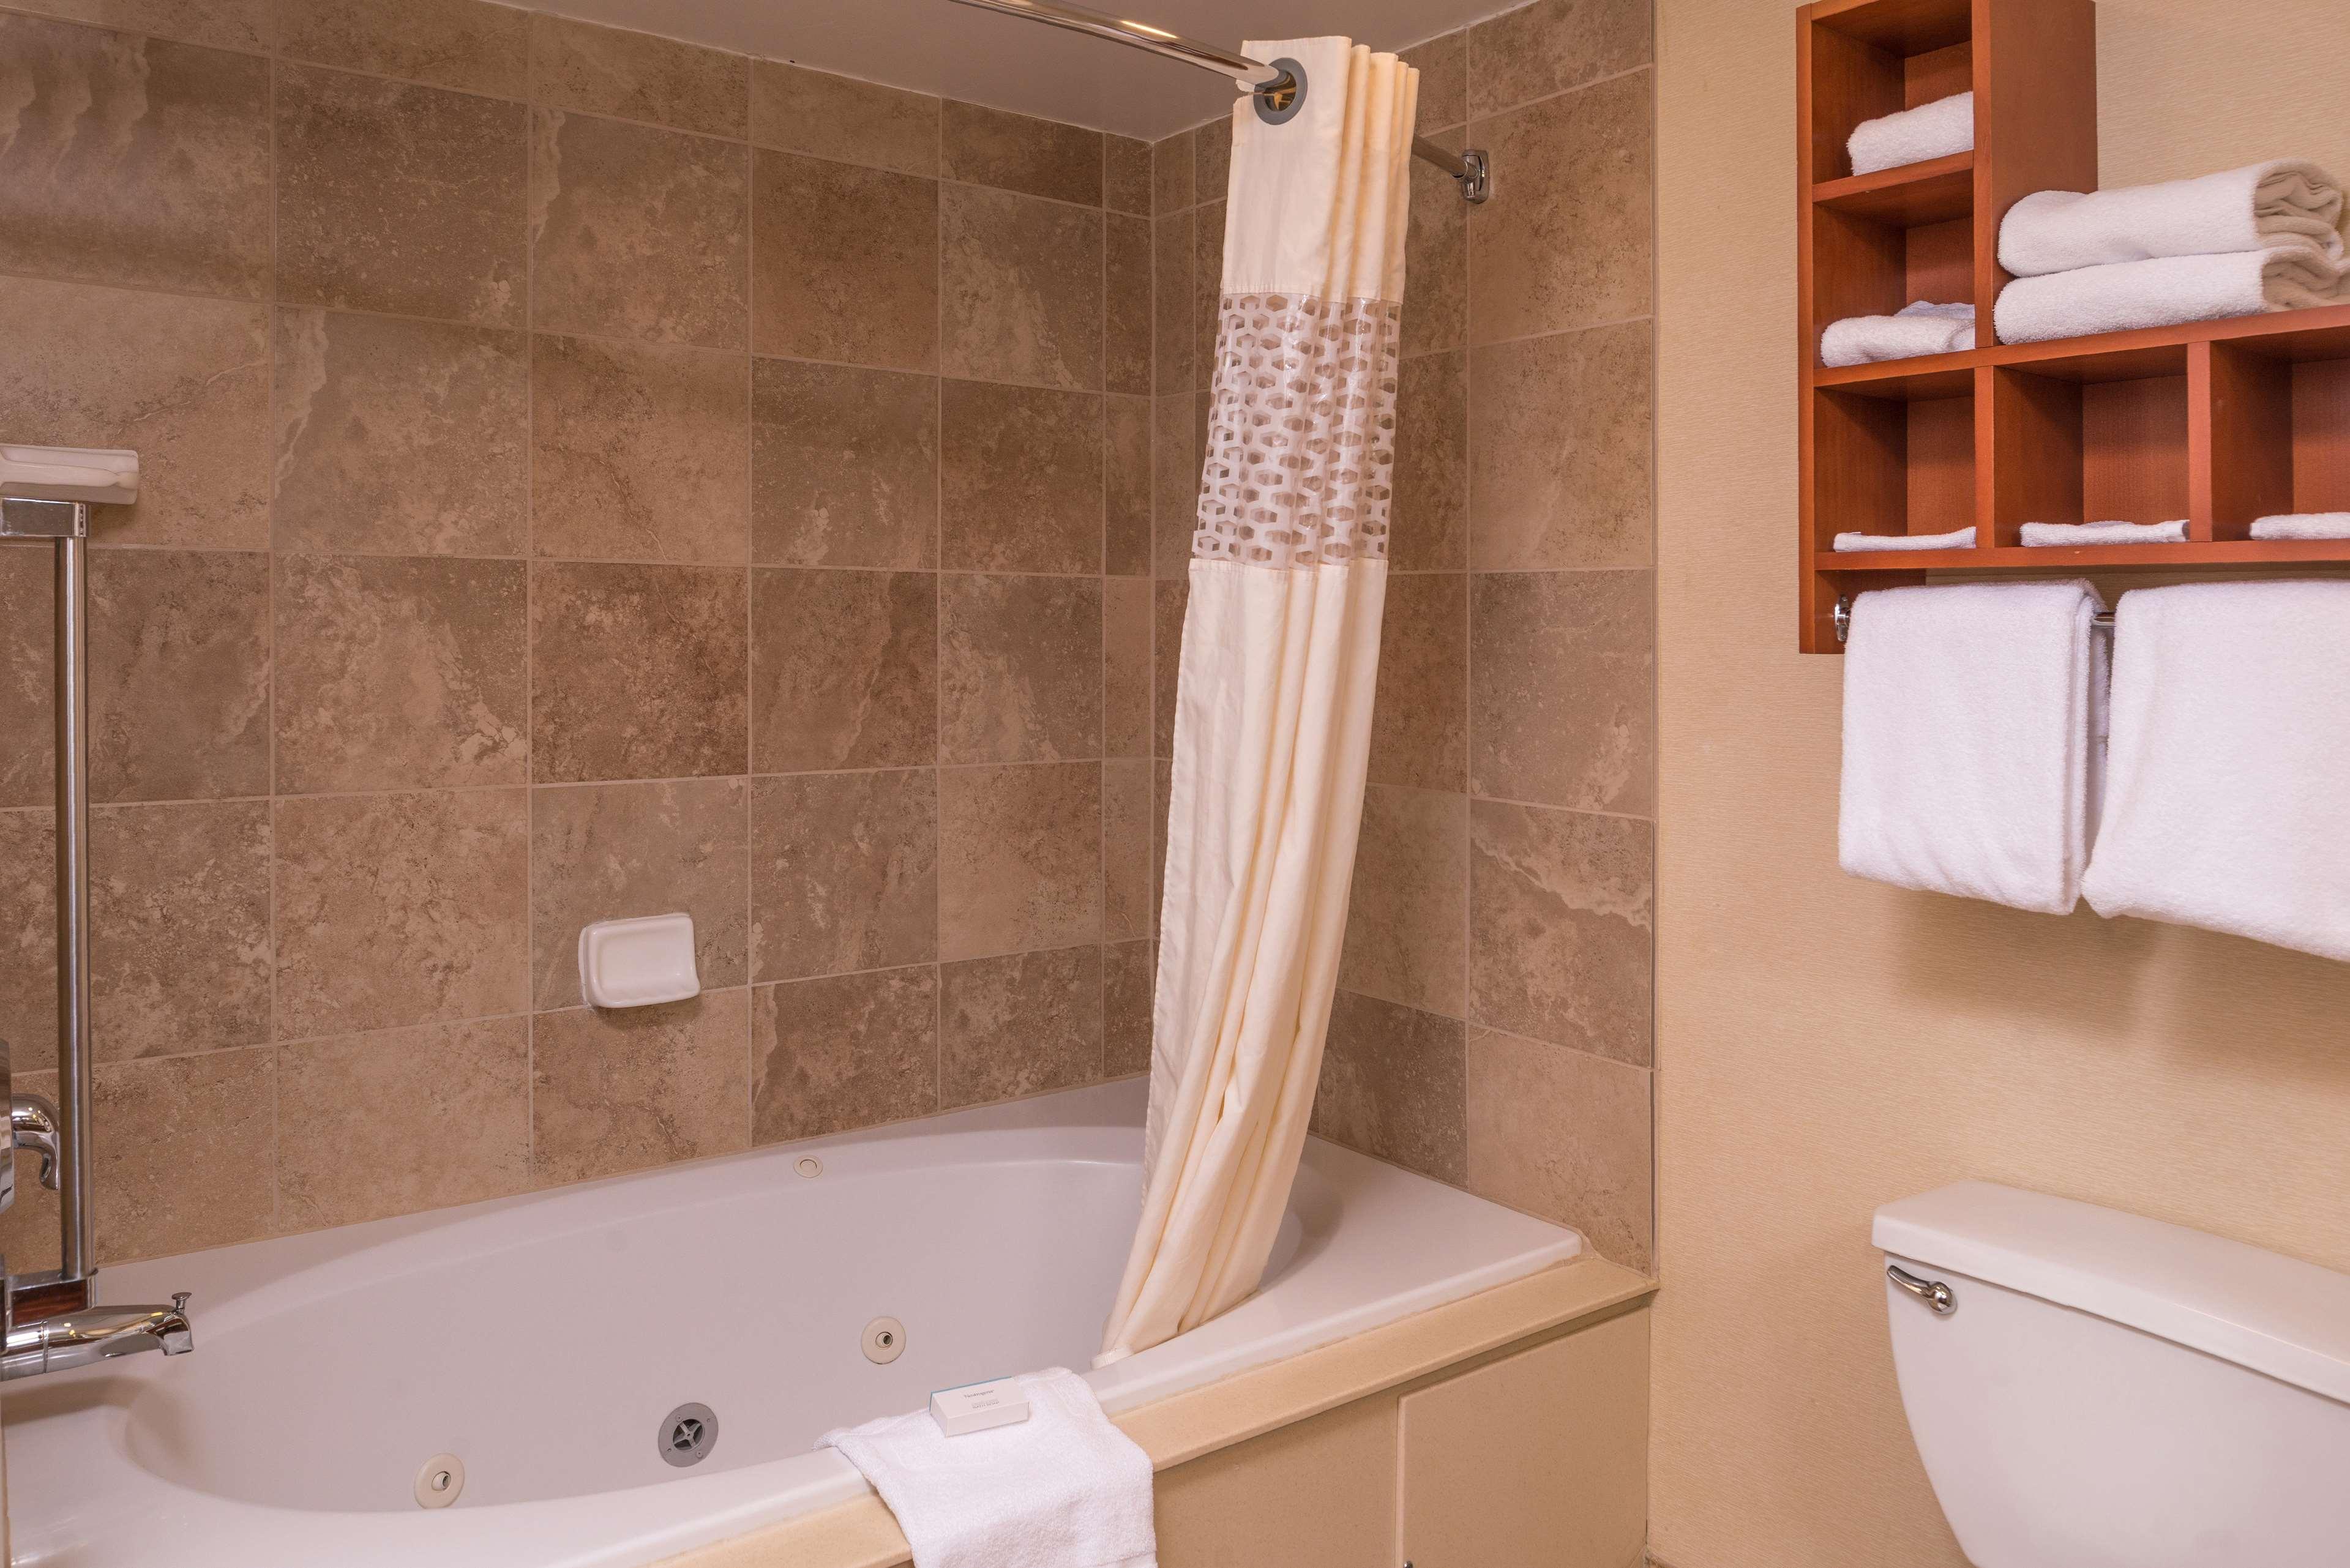 Hampton Inn & Suites Charlotte-Arrowood Rd. image 13